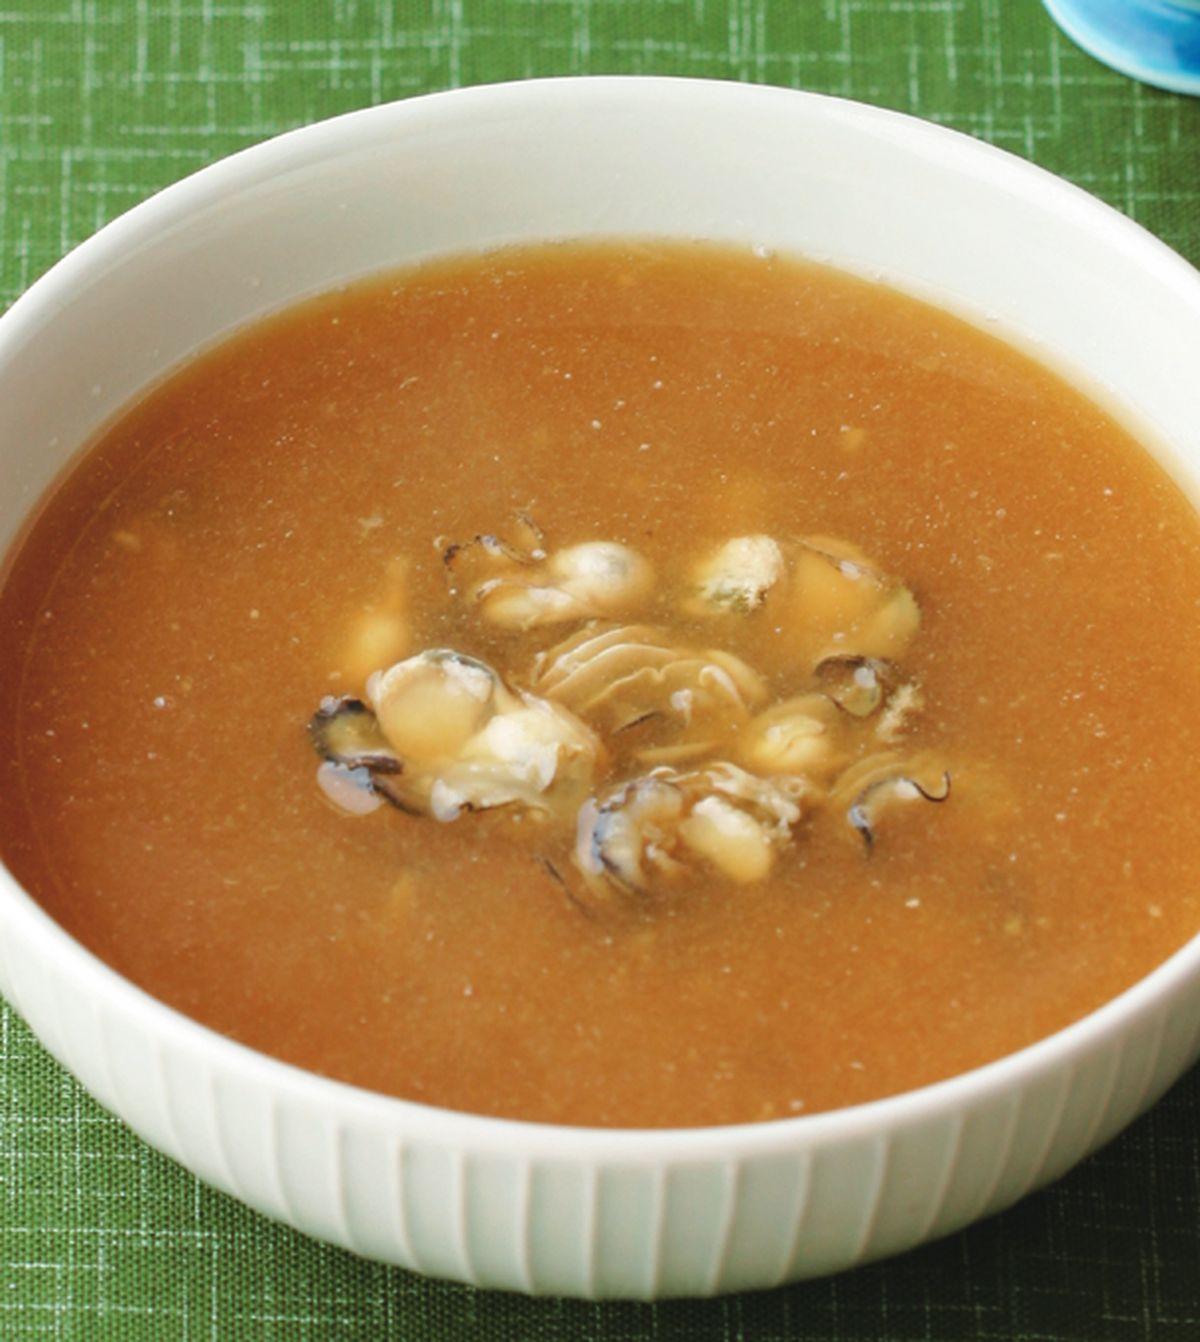 食譜:牡蠣蘿蔔泥湯